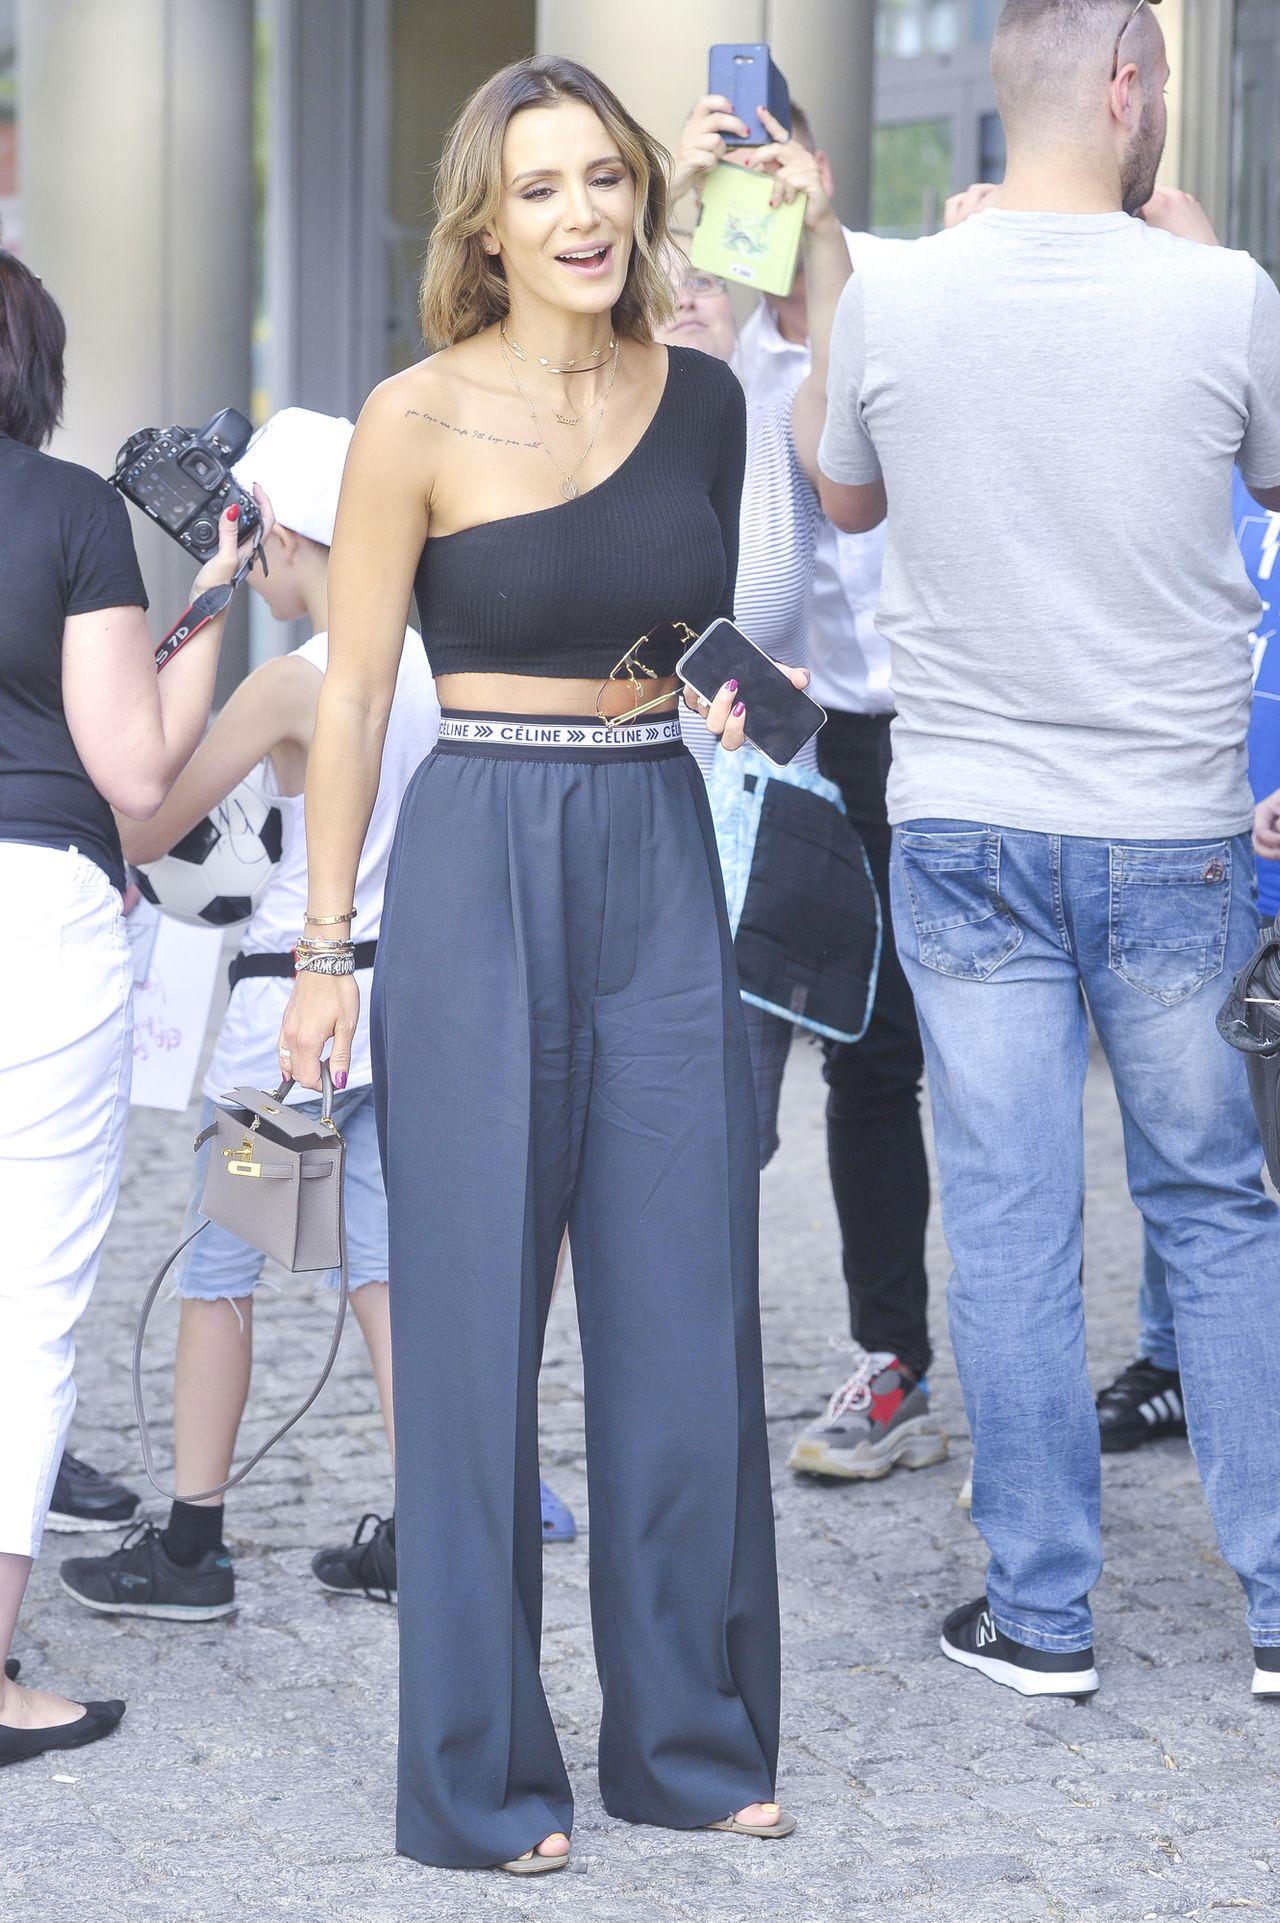 Buty STRASZNE, prawie jak gips - fani krytykują wypasione laczki Sary Boruc